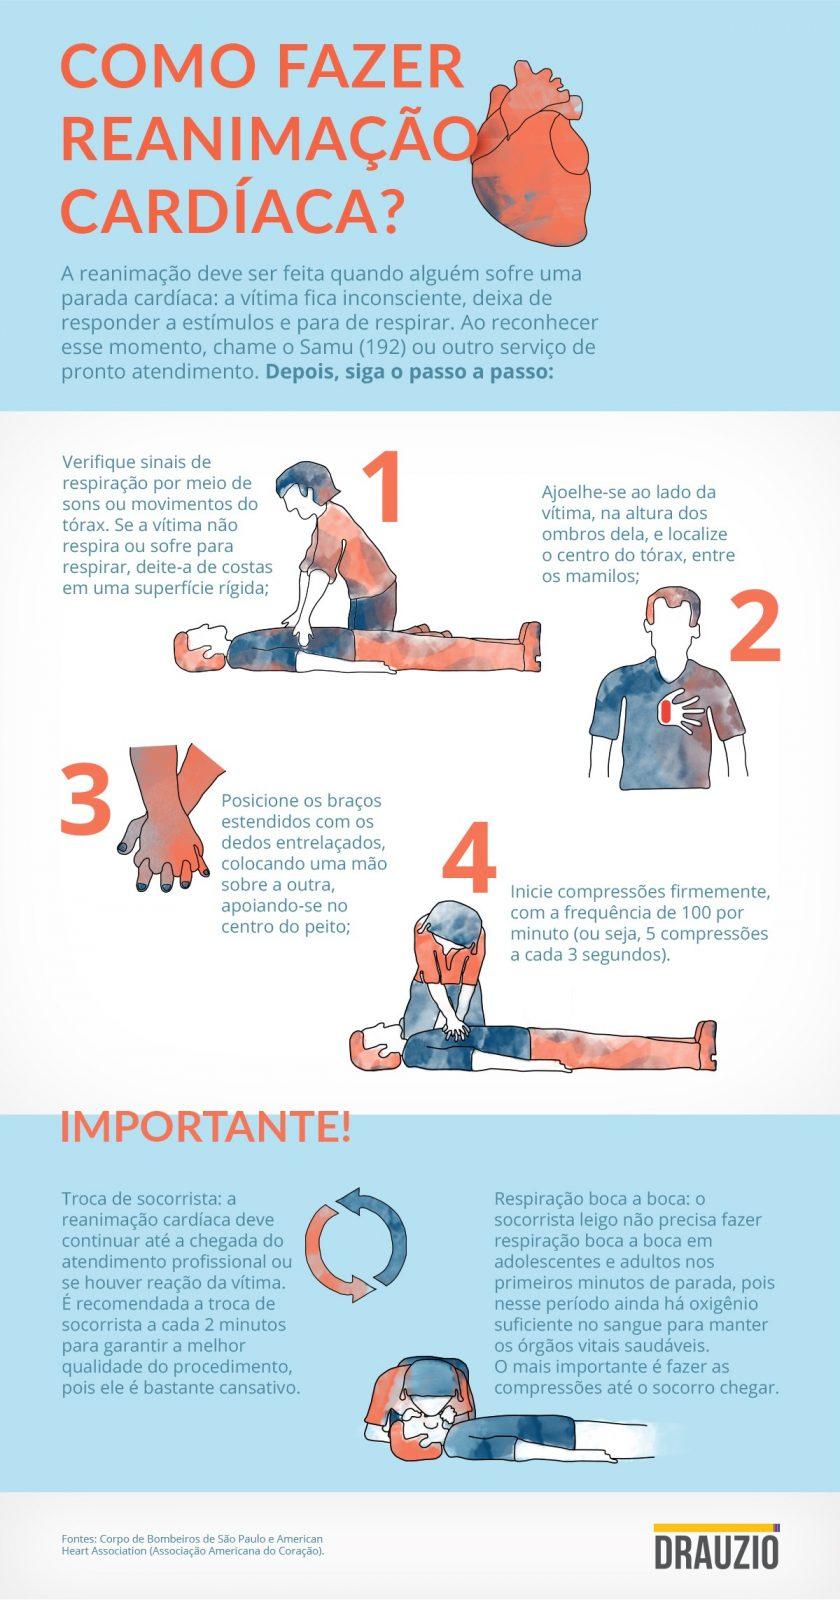 Infográfico com o passo a passo de como fazer reanimação cardíaca.